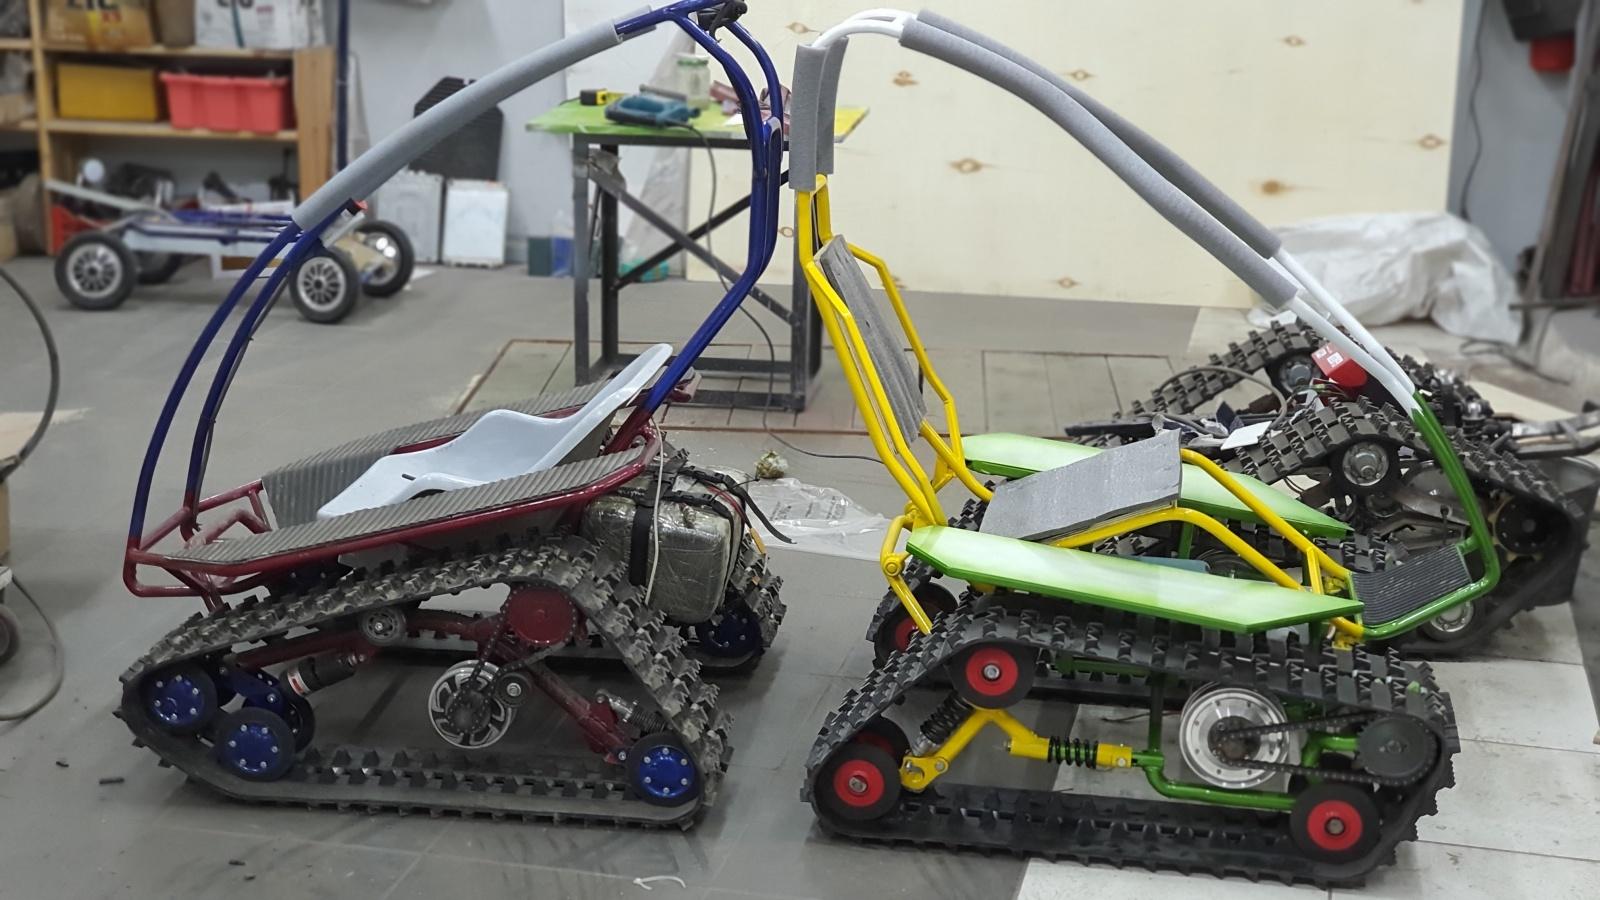 DIY Гусеничная платформа для роботов и развлечений - 3